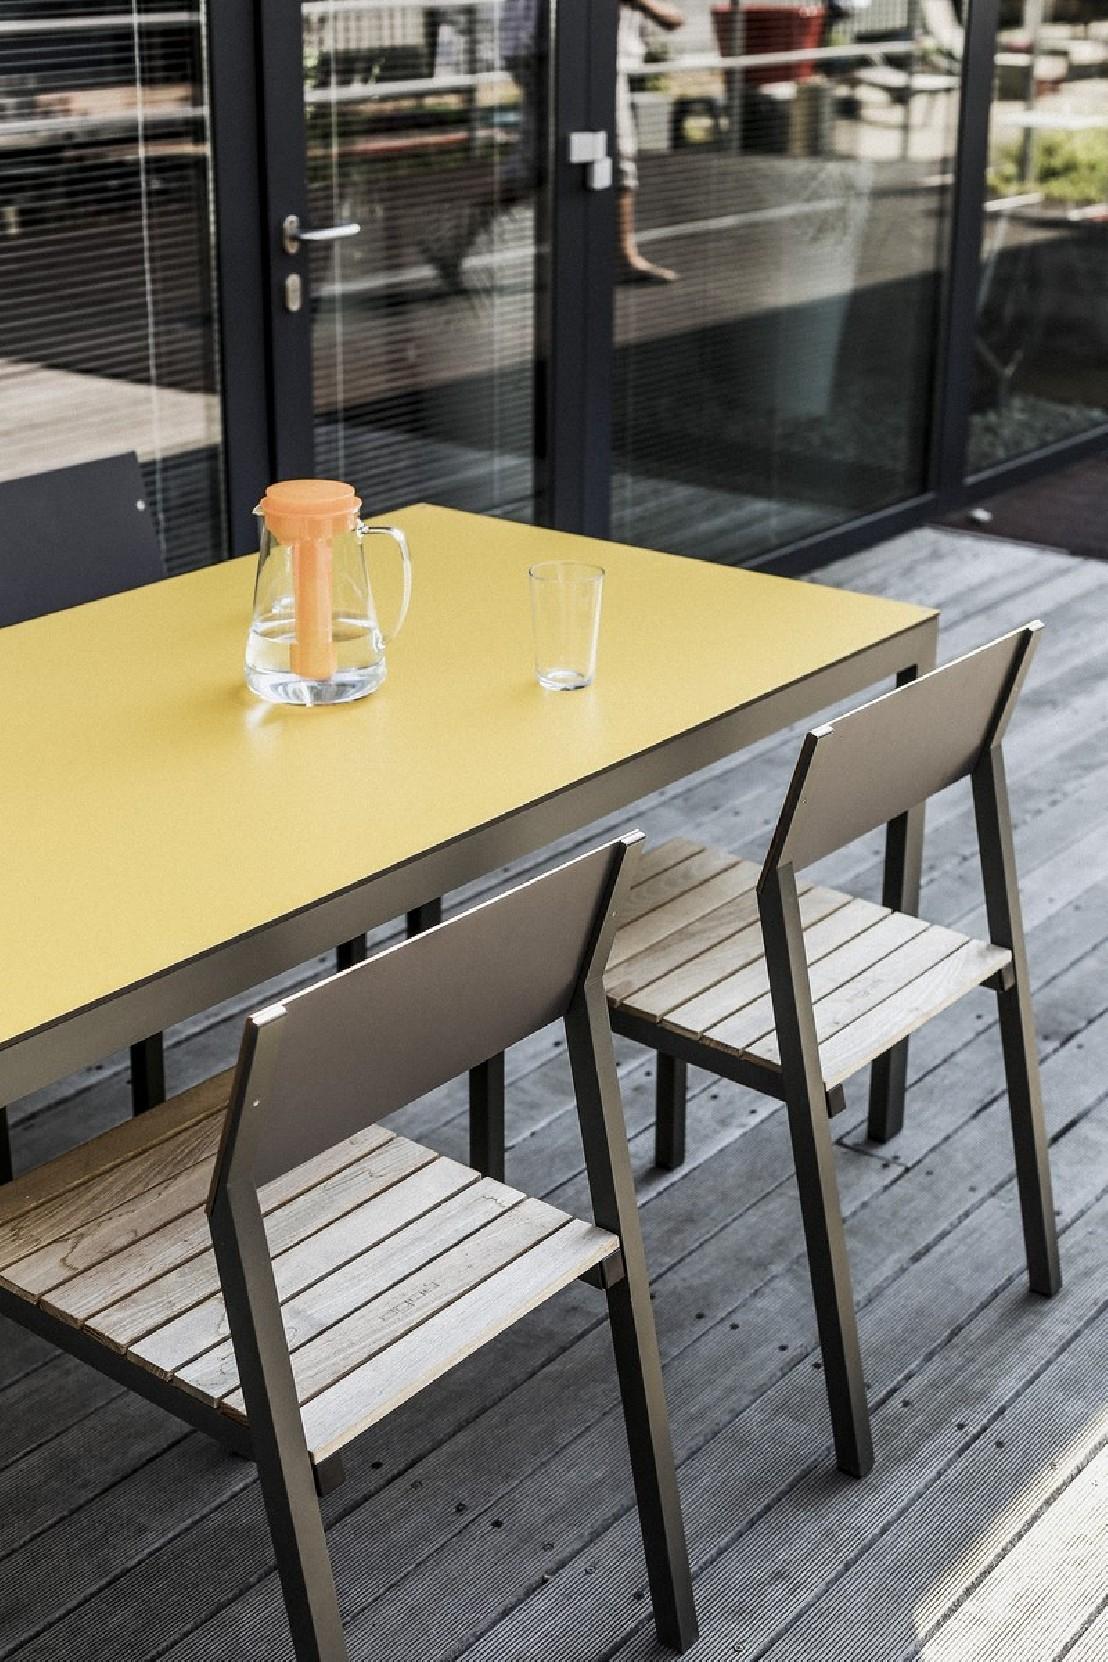 Salon De Jardin Cora, Table Rectangle 175 Cm Et 4 Chaises ... destiné Cora Table De Jardin